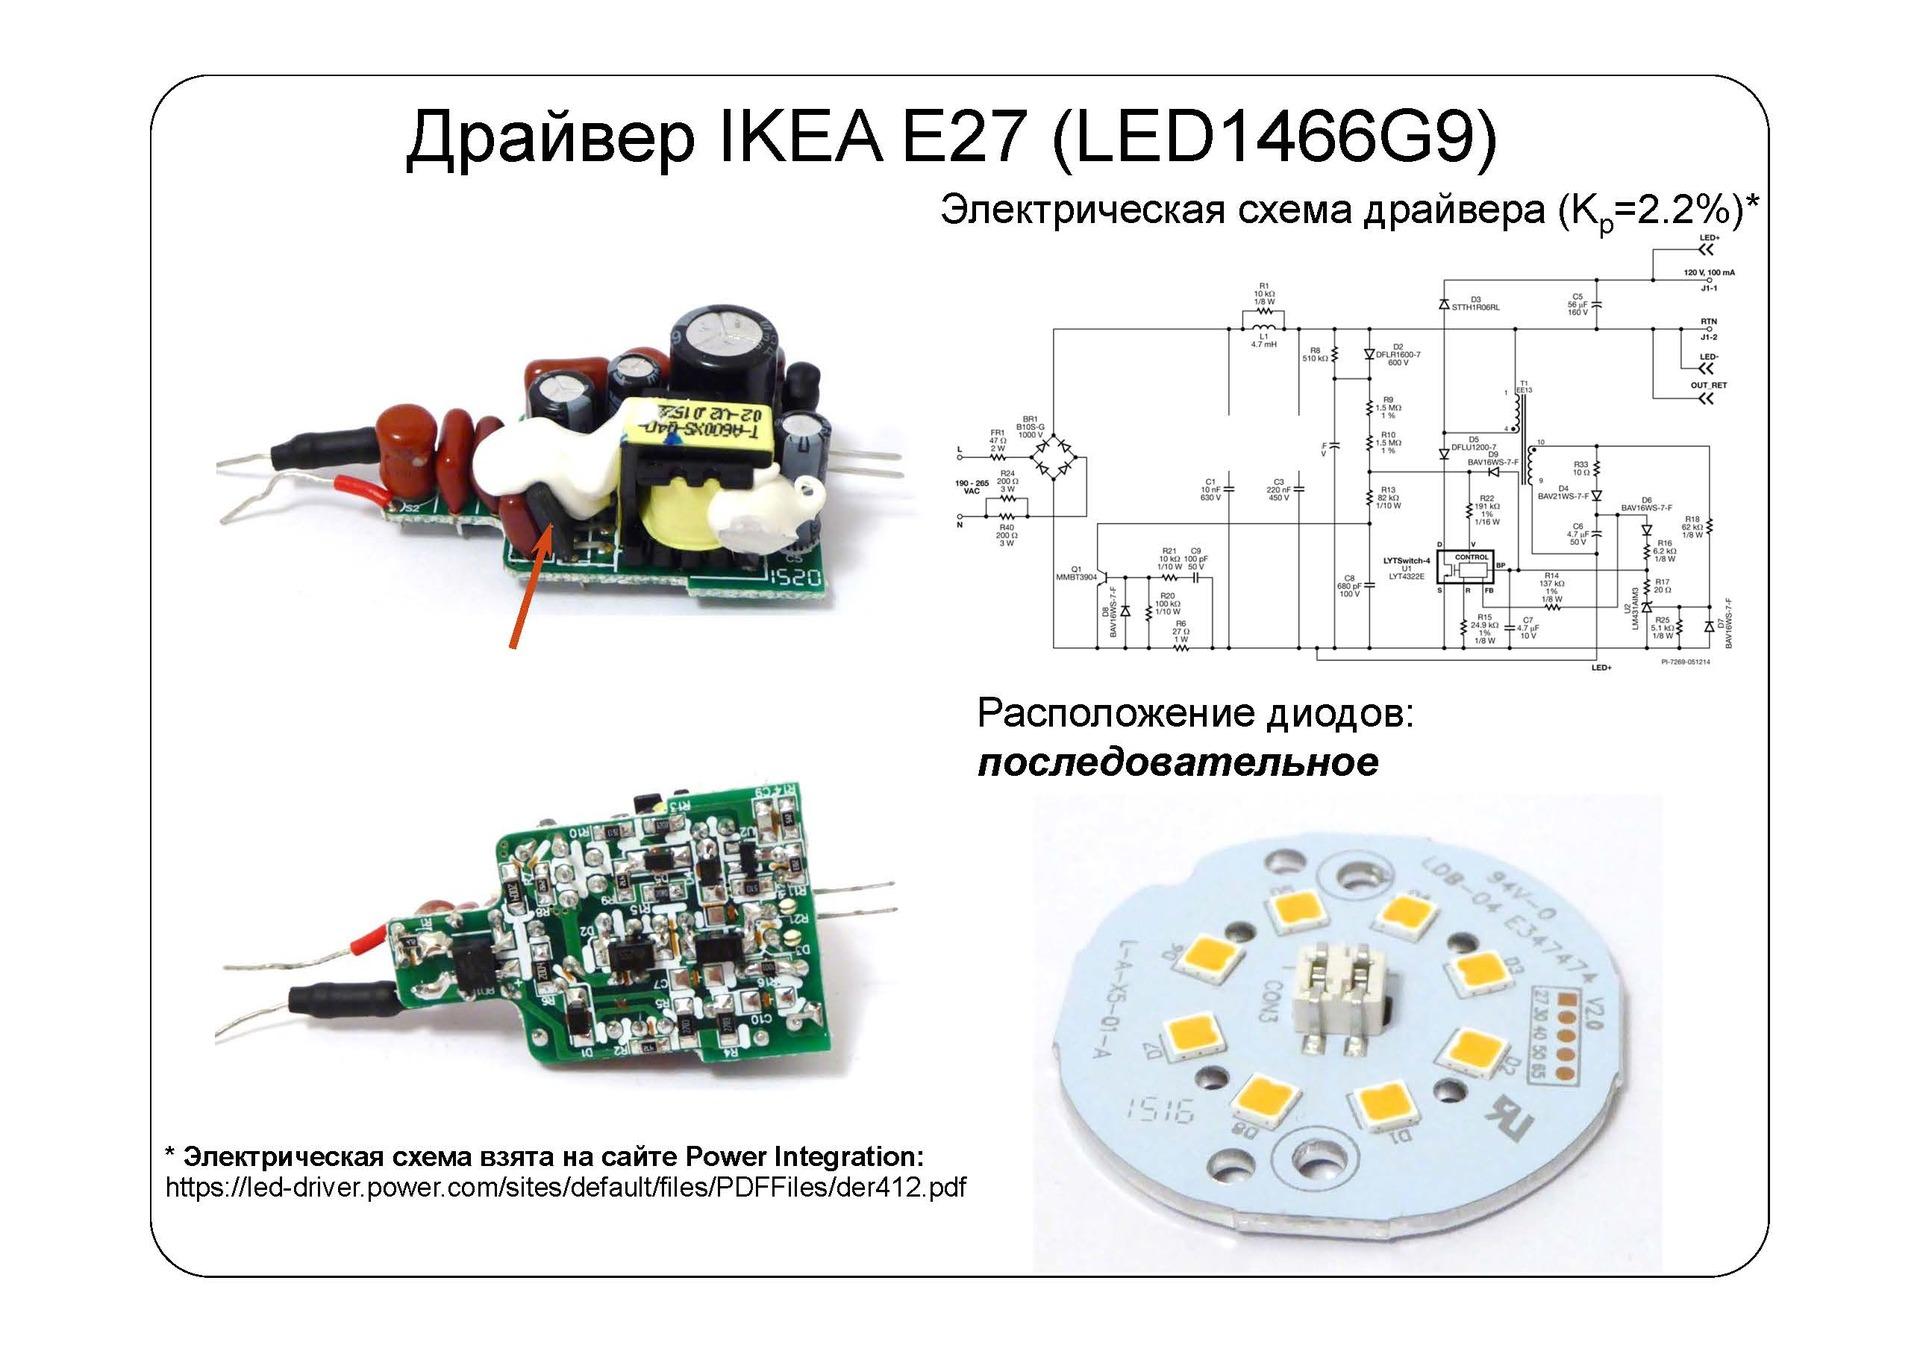 Взгляд изнутри: IKEA LED наносит ответный удар - 8